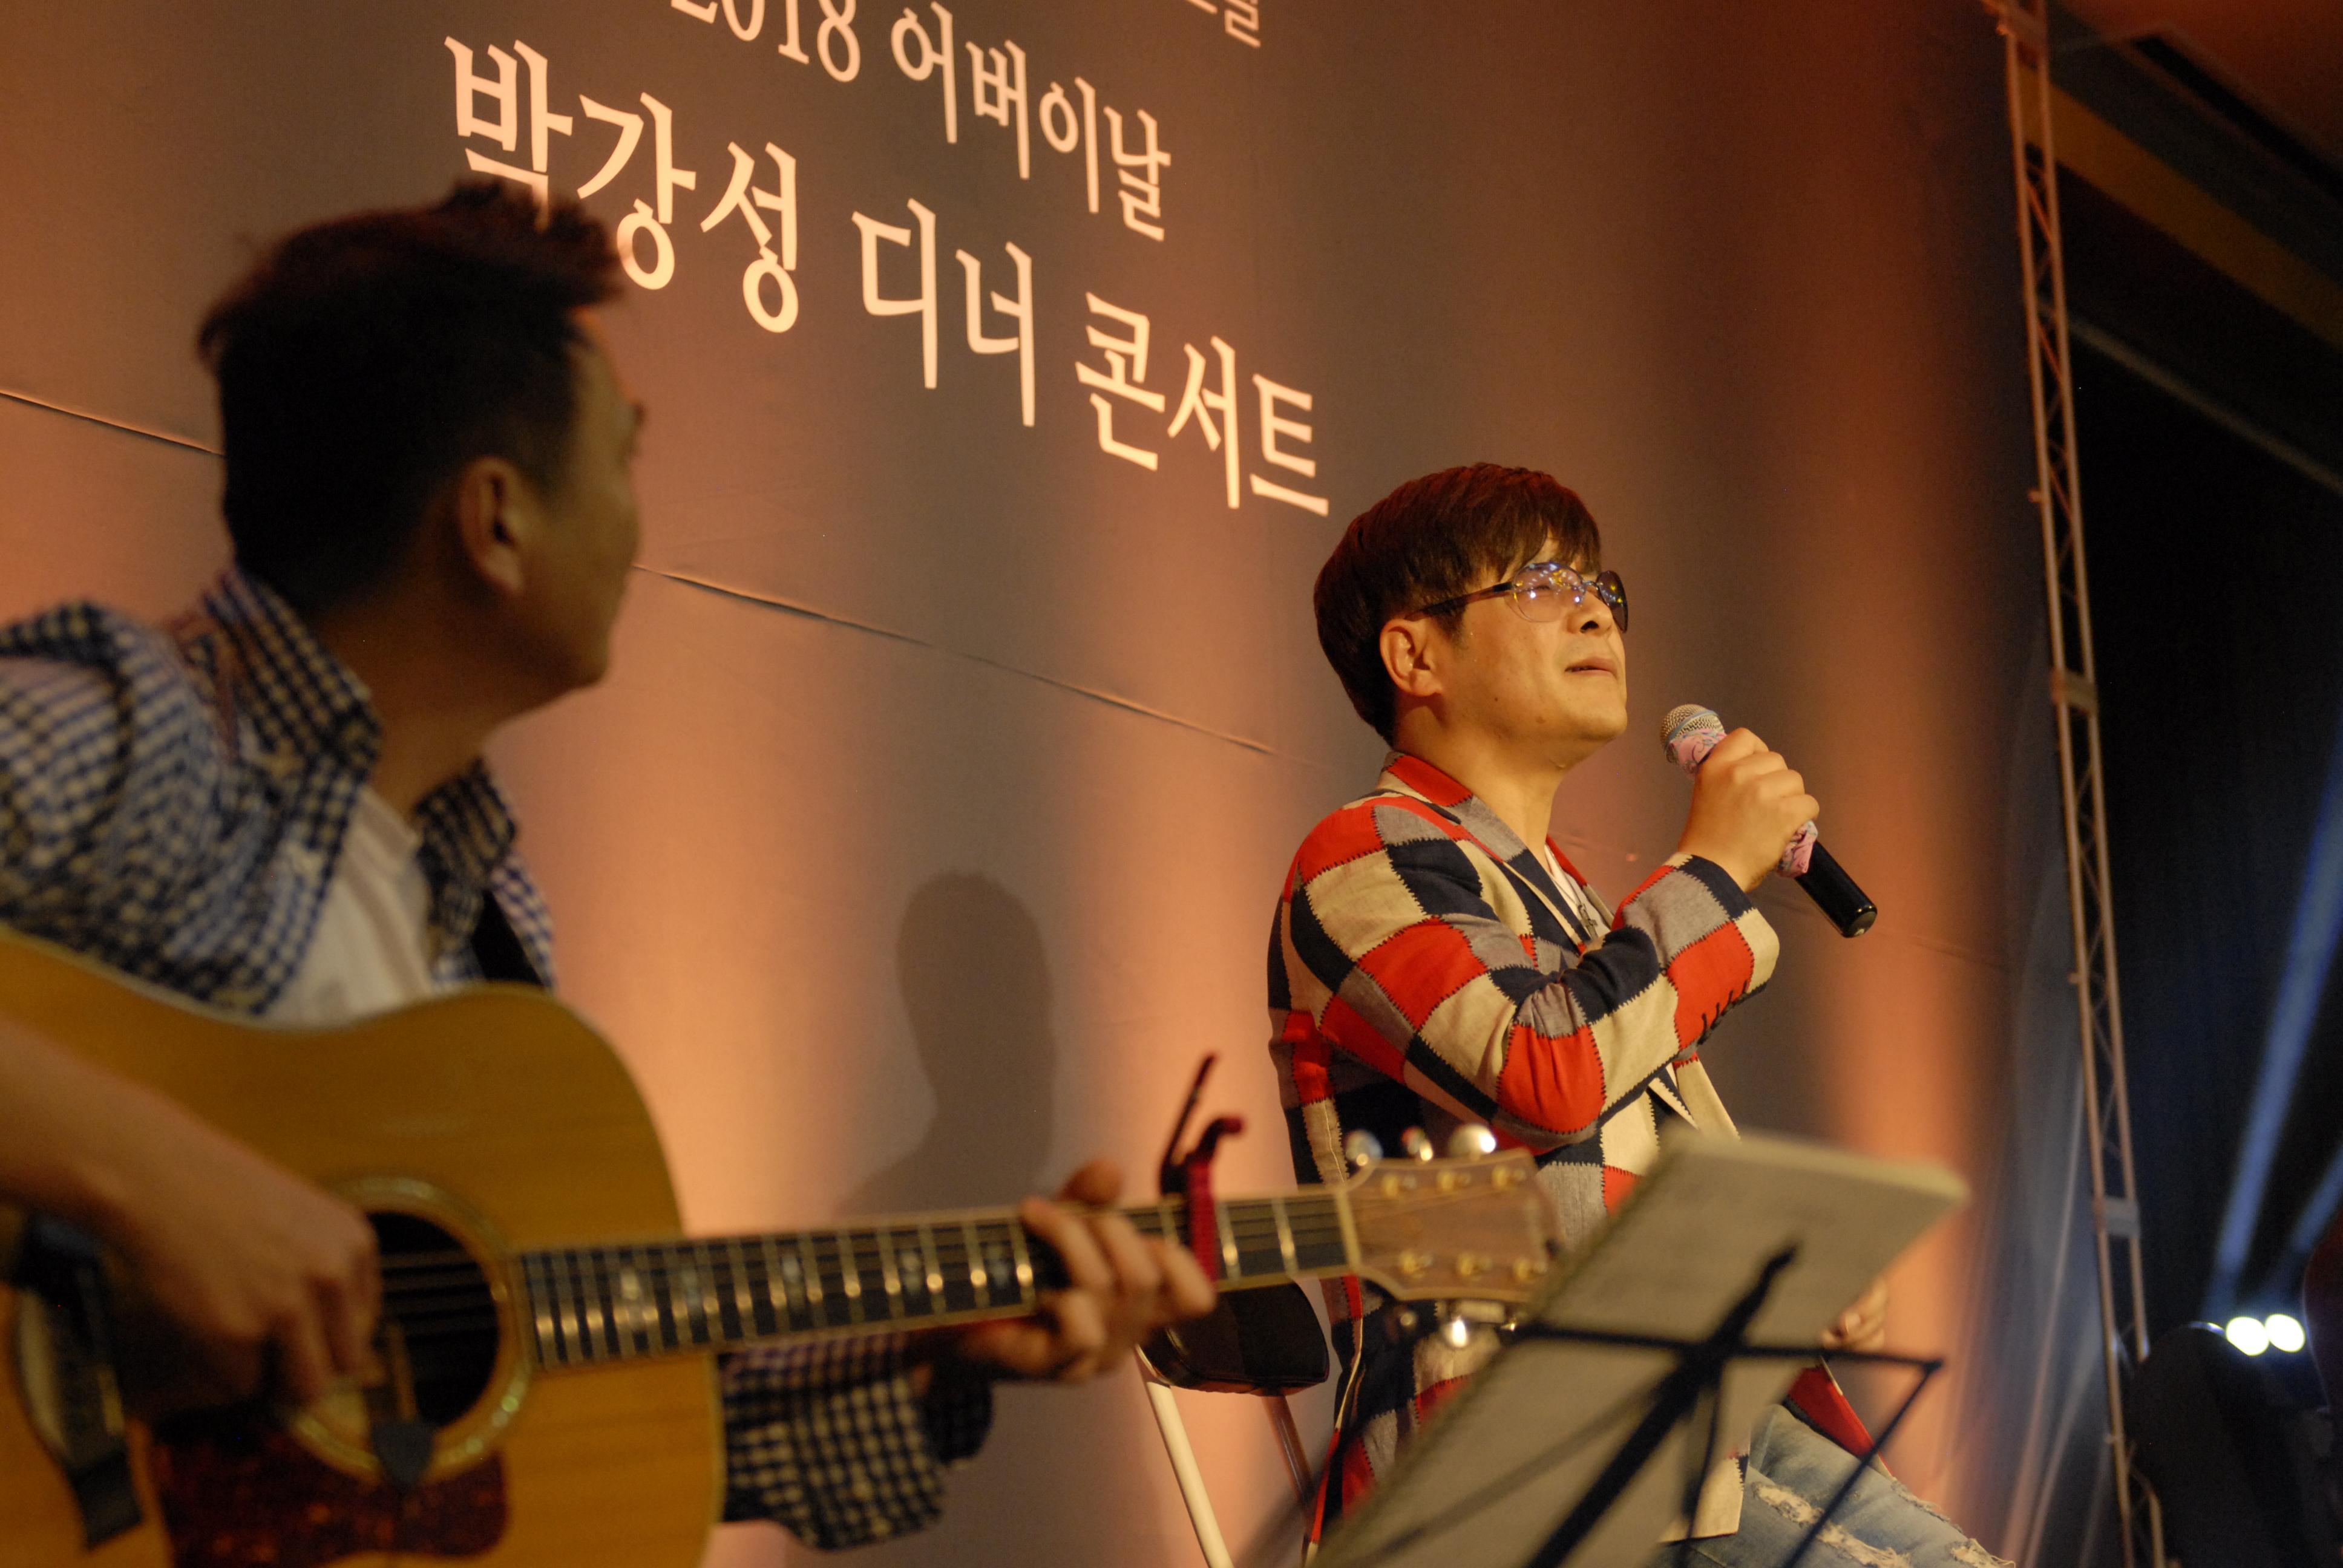 가수 박강성, 쉐라톤 서울 팔래스 강남에서 디너 콘서트 열어